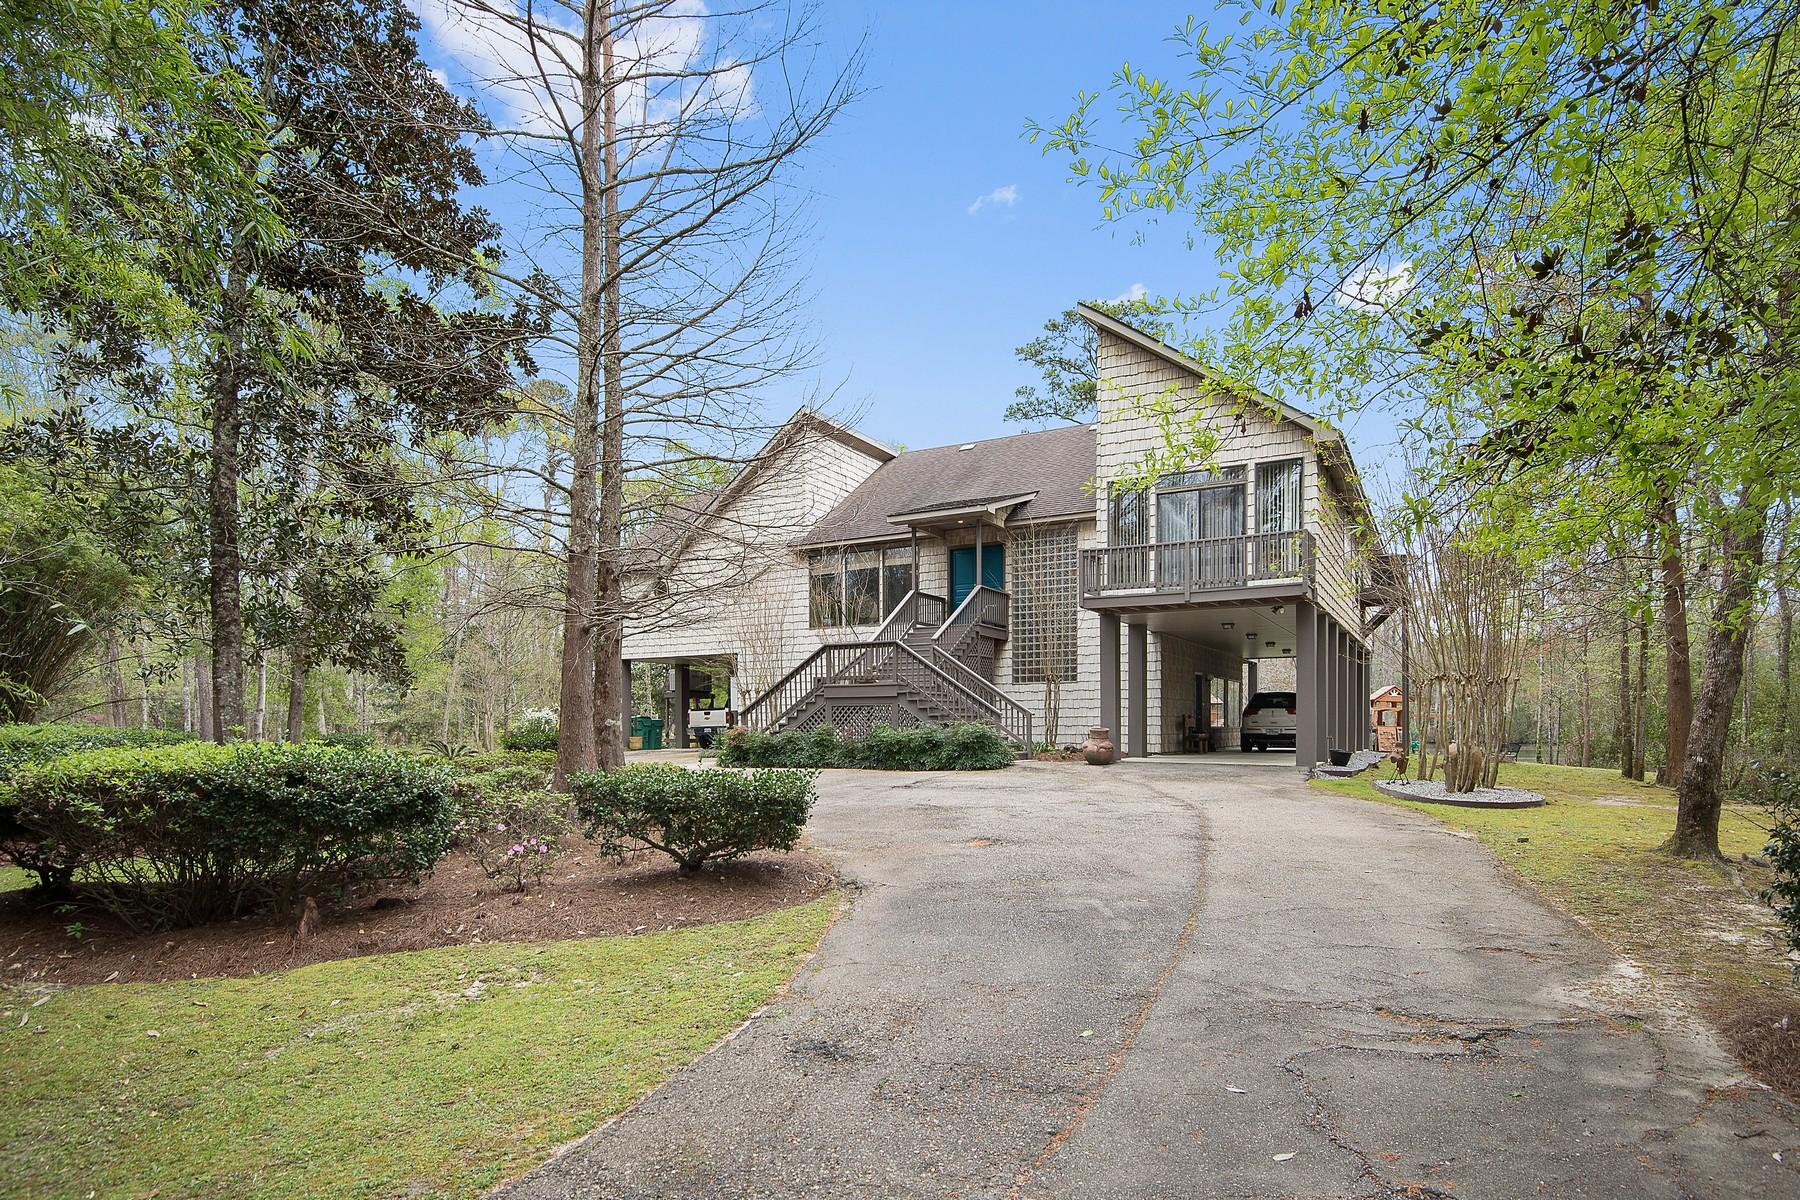 独户住宅 为 销售 在 97 Bogue Falaya Drive 卡温顿, 路易斯安那州 70433 美国